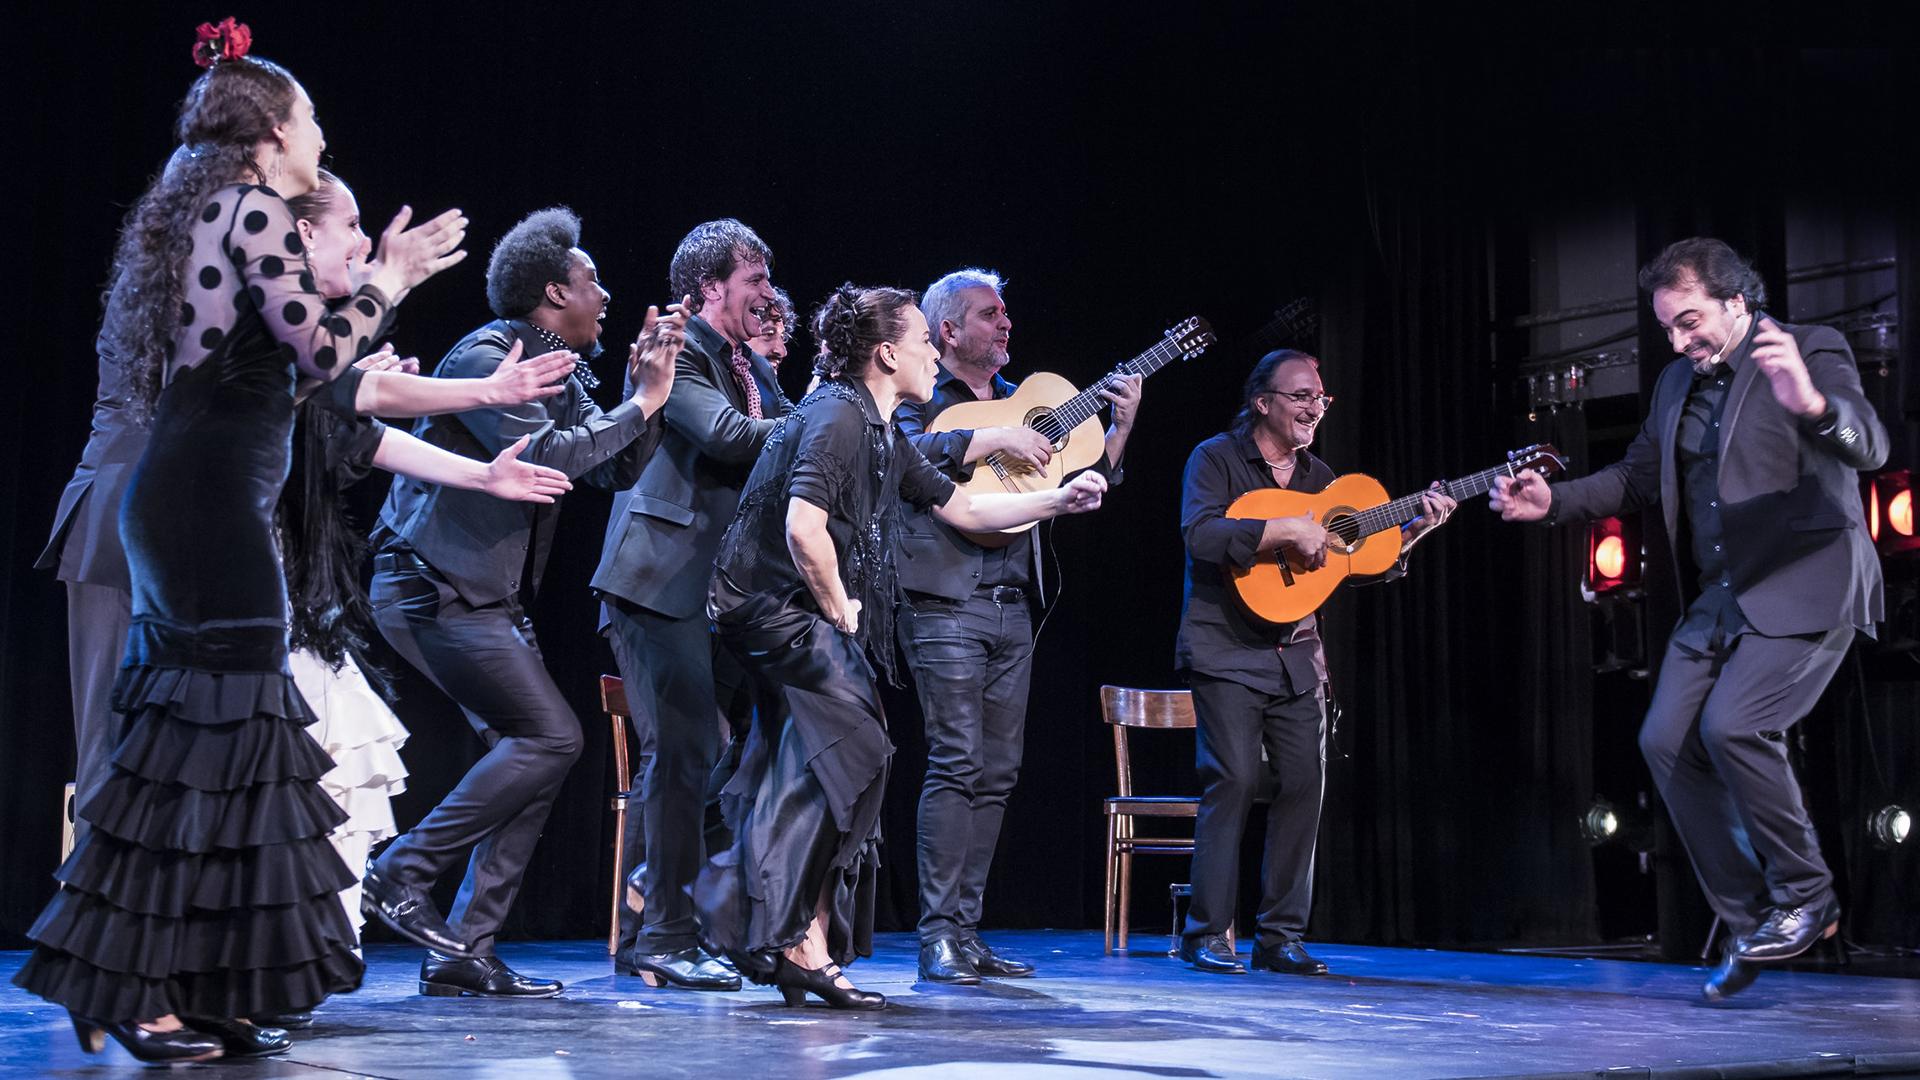 Noche Flamenca Puro